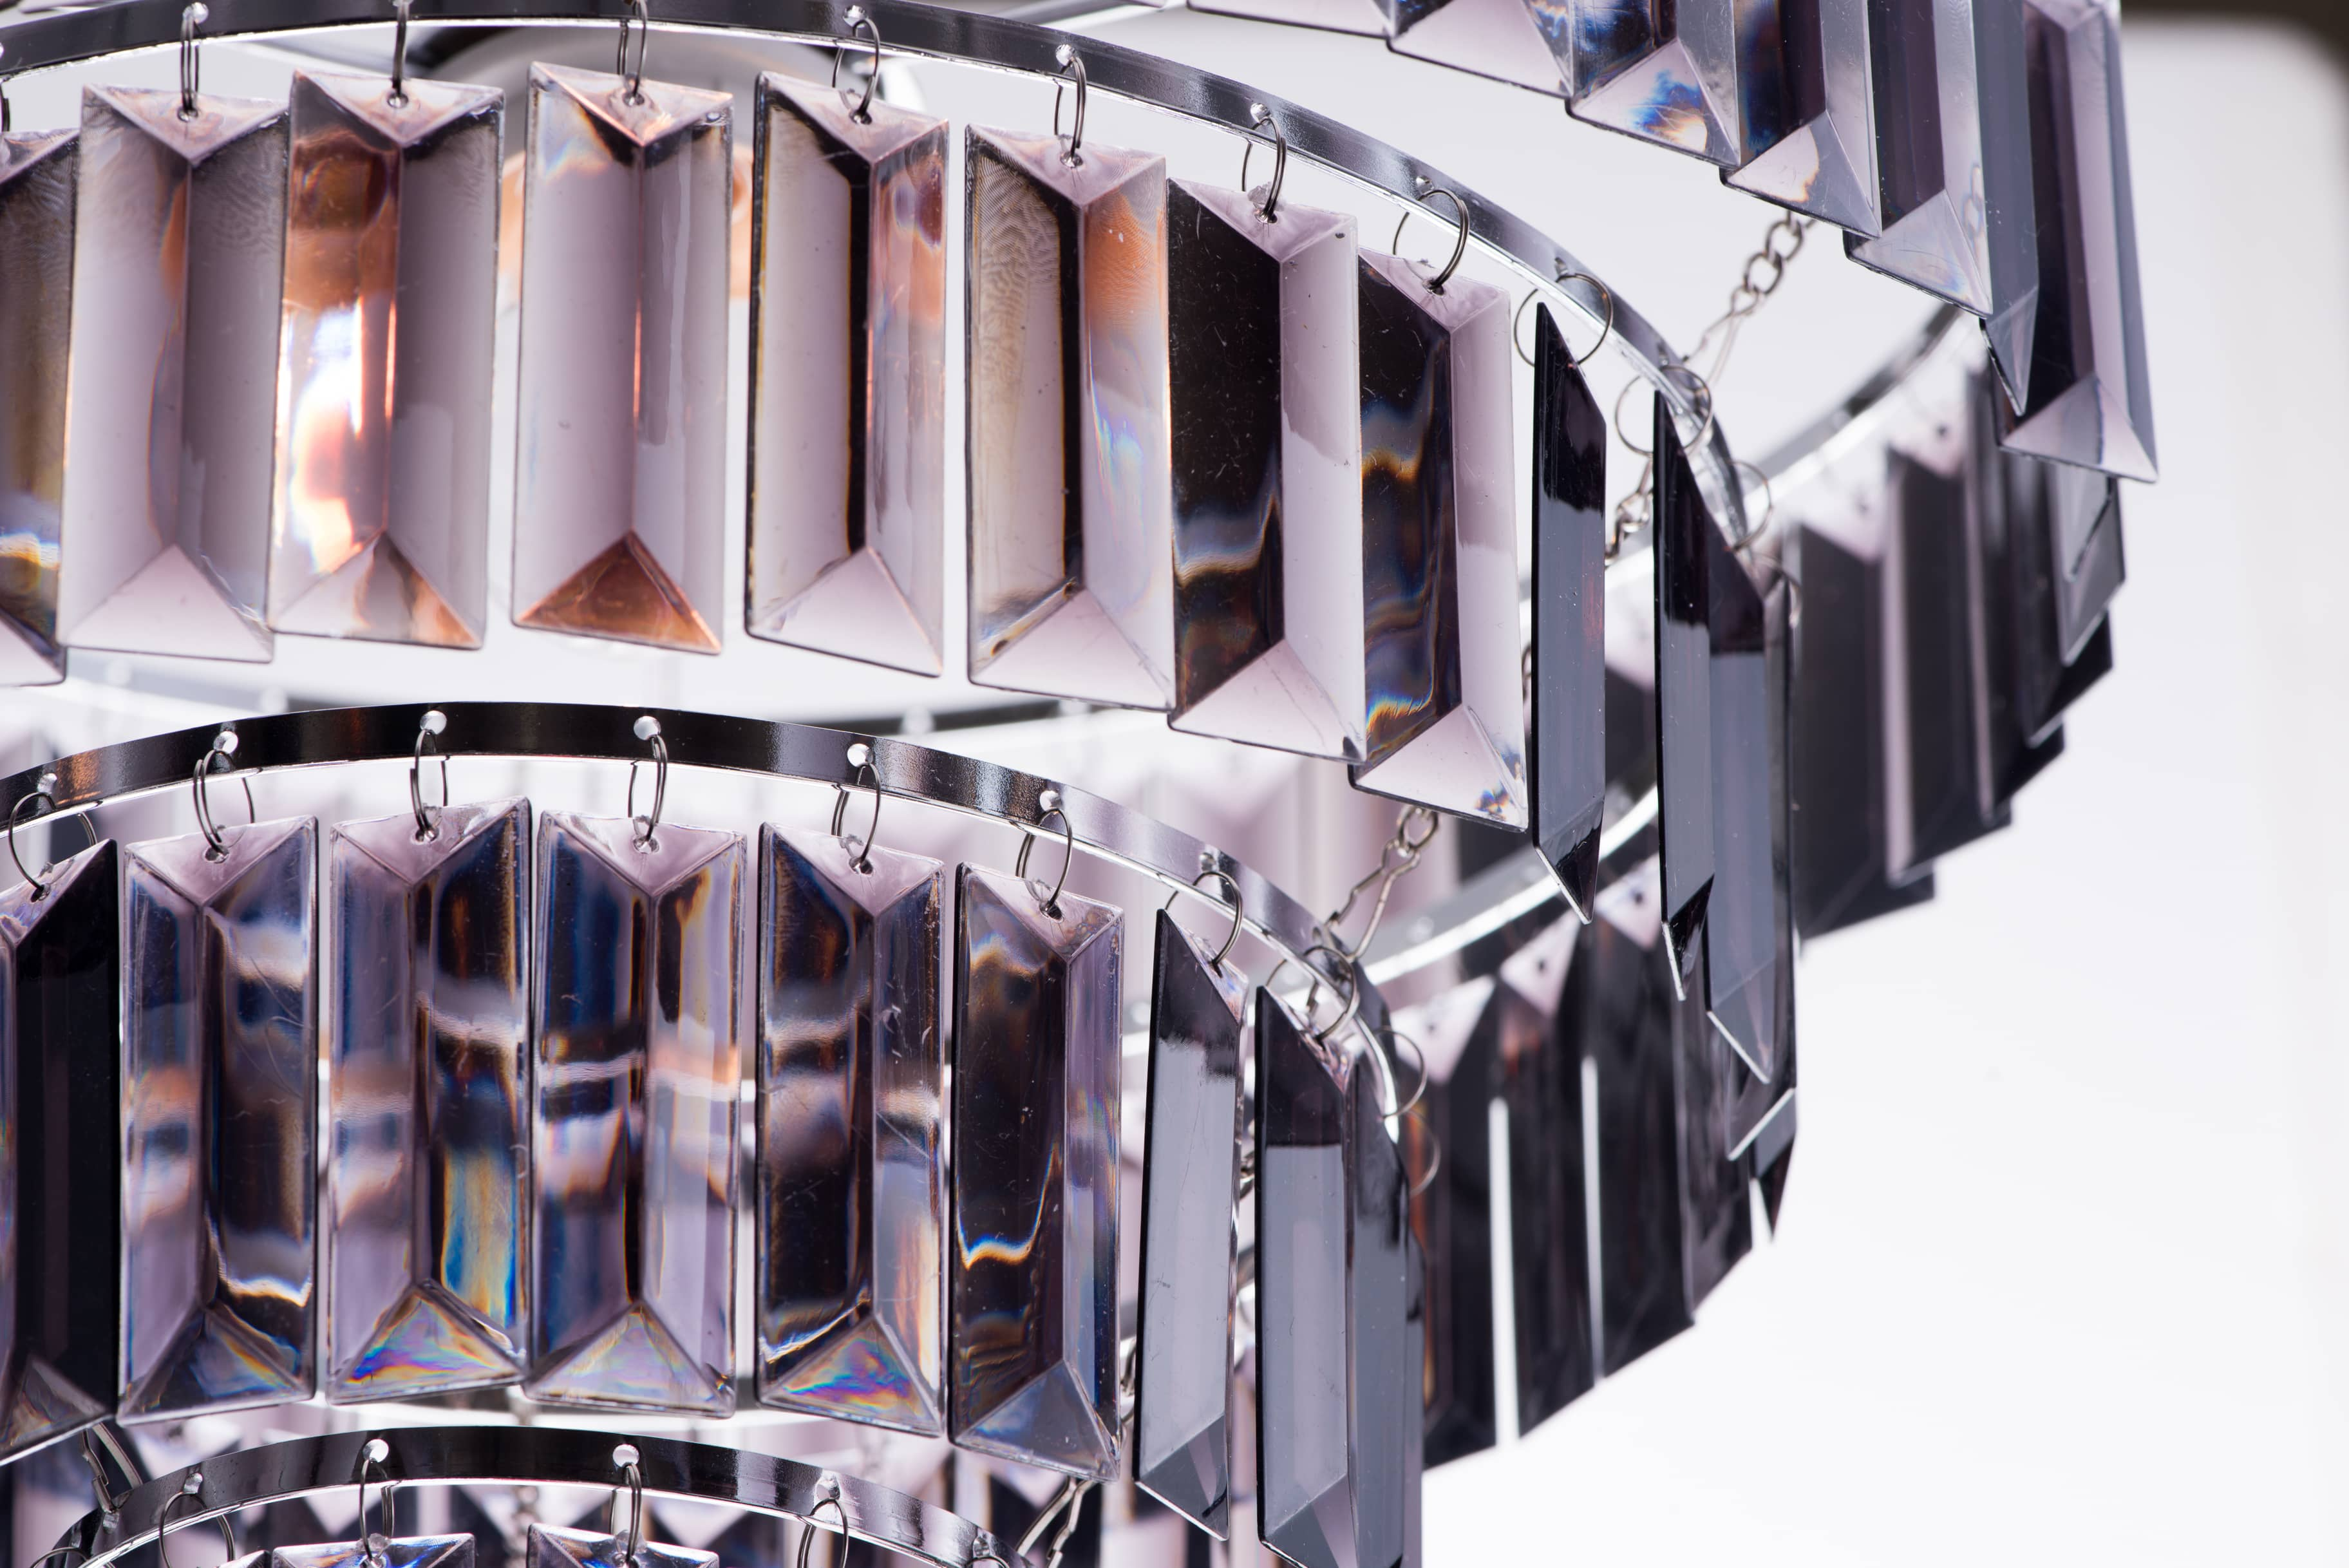 鍍鉻多層次燻黑壓克力板吊燈-BNL00043 3